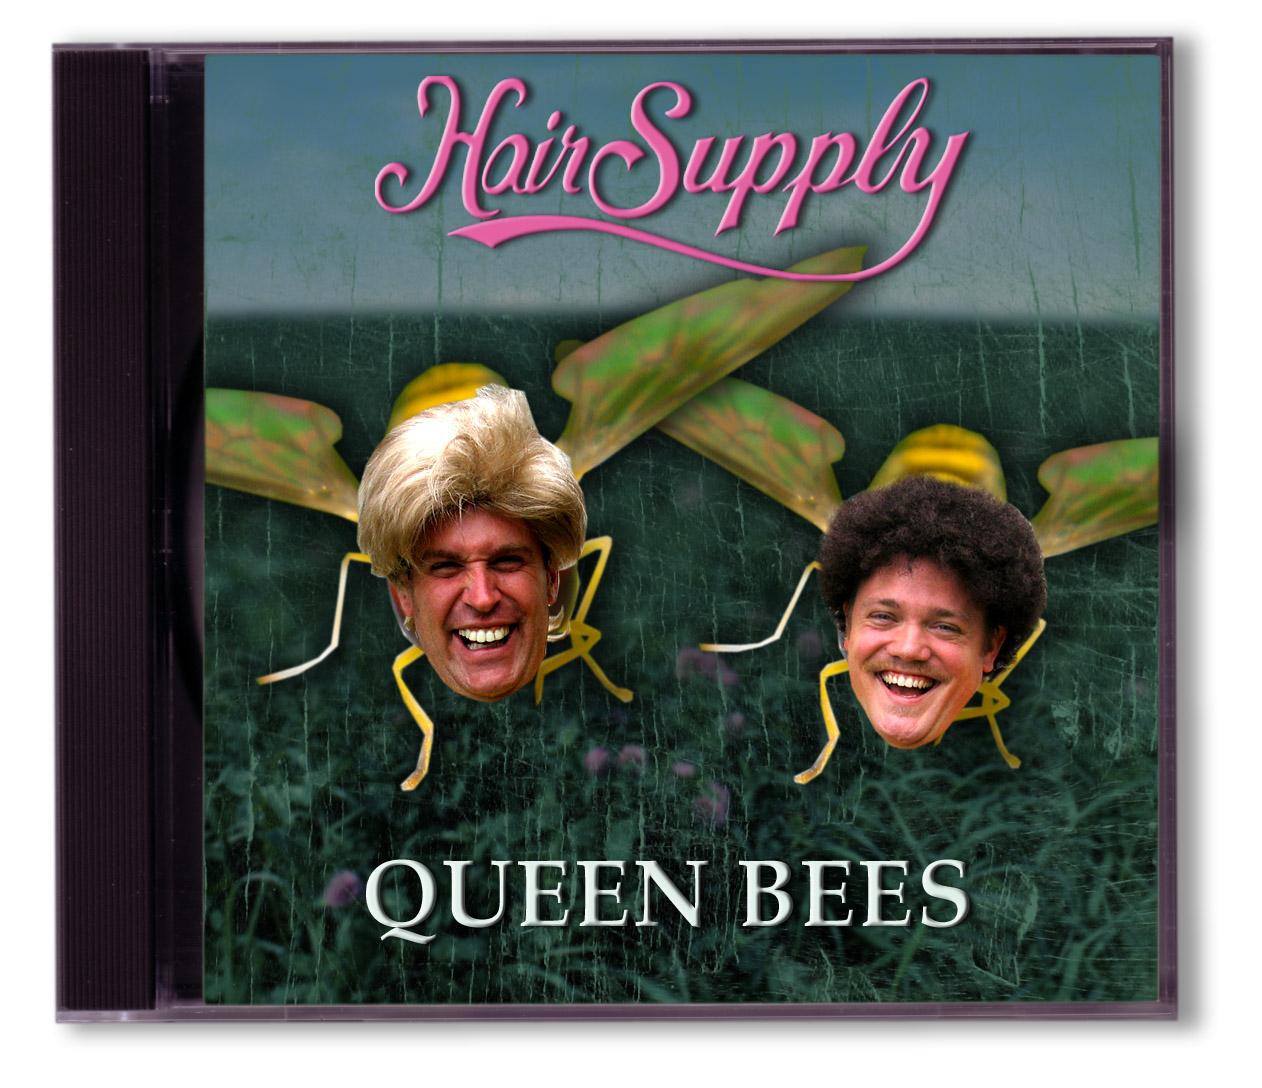 hs-queenbees